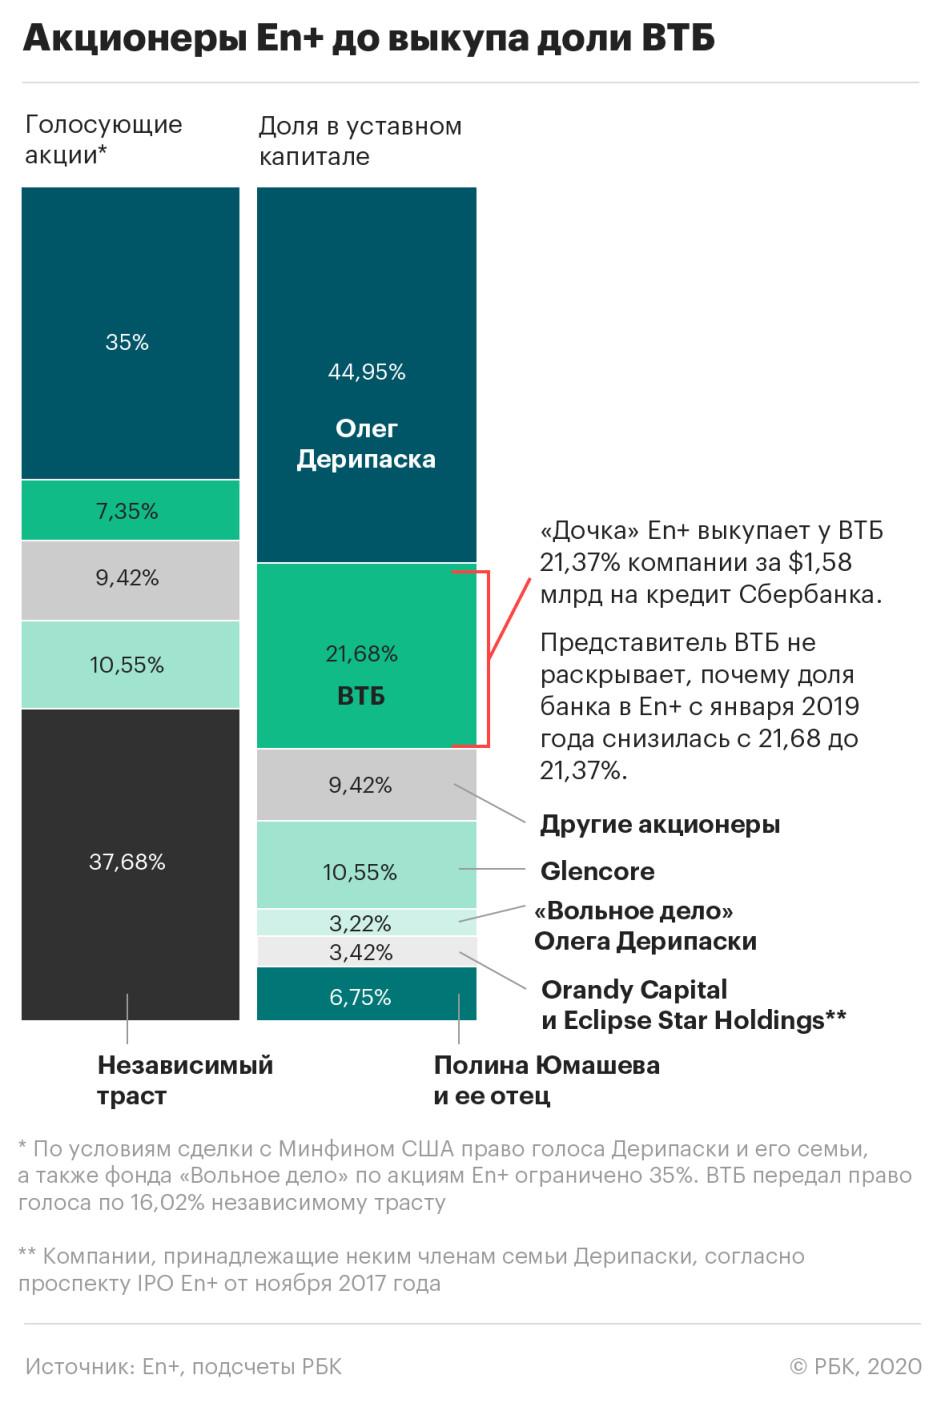 ВТБ вычел из своих активов En+